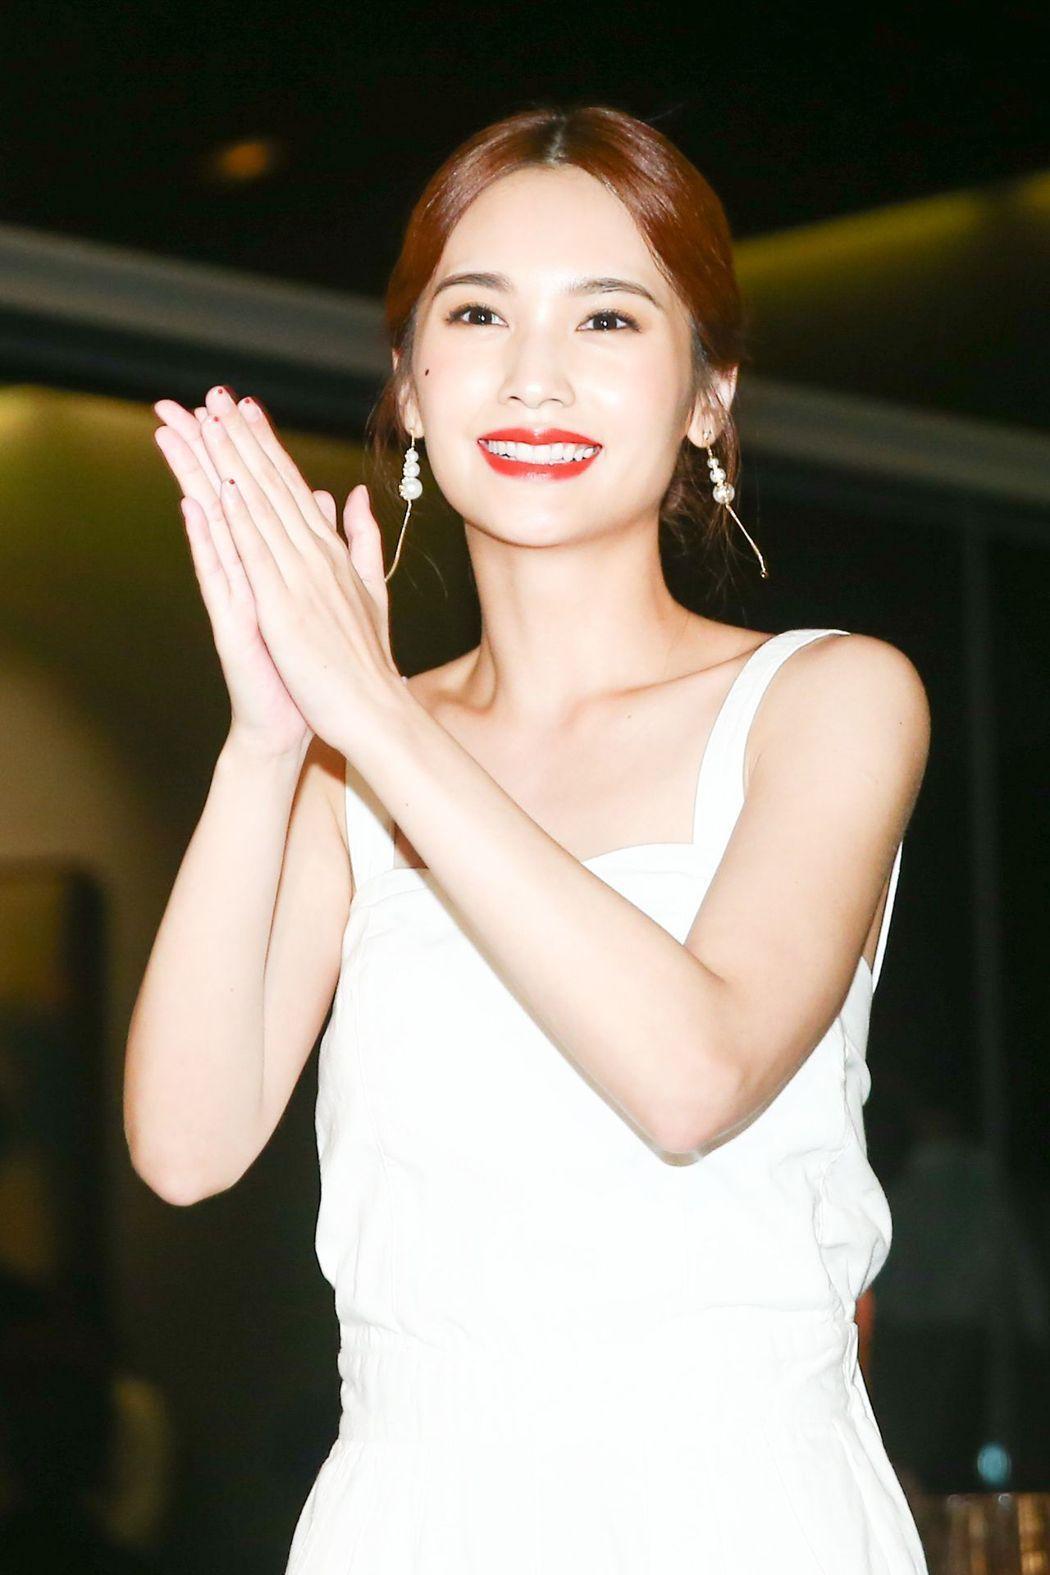 楊丞琳出席植劇場慶功宴。記者林伯東/攝影